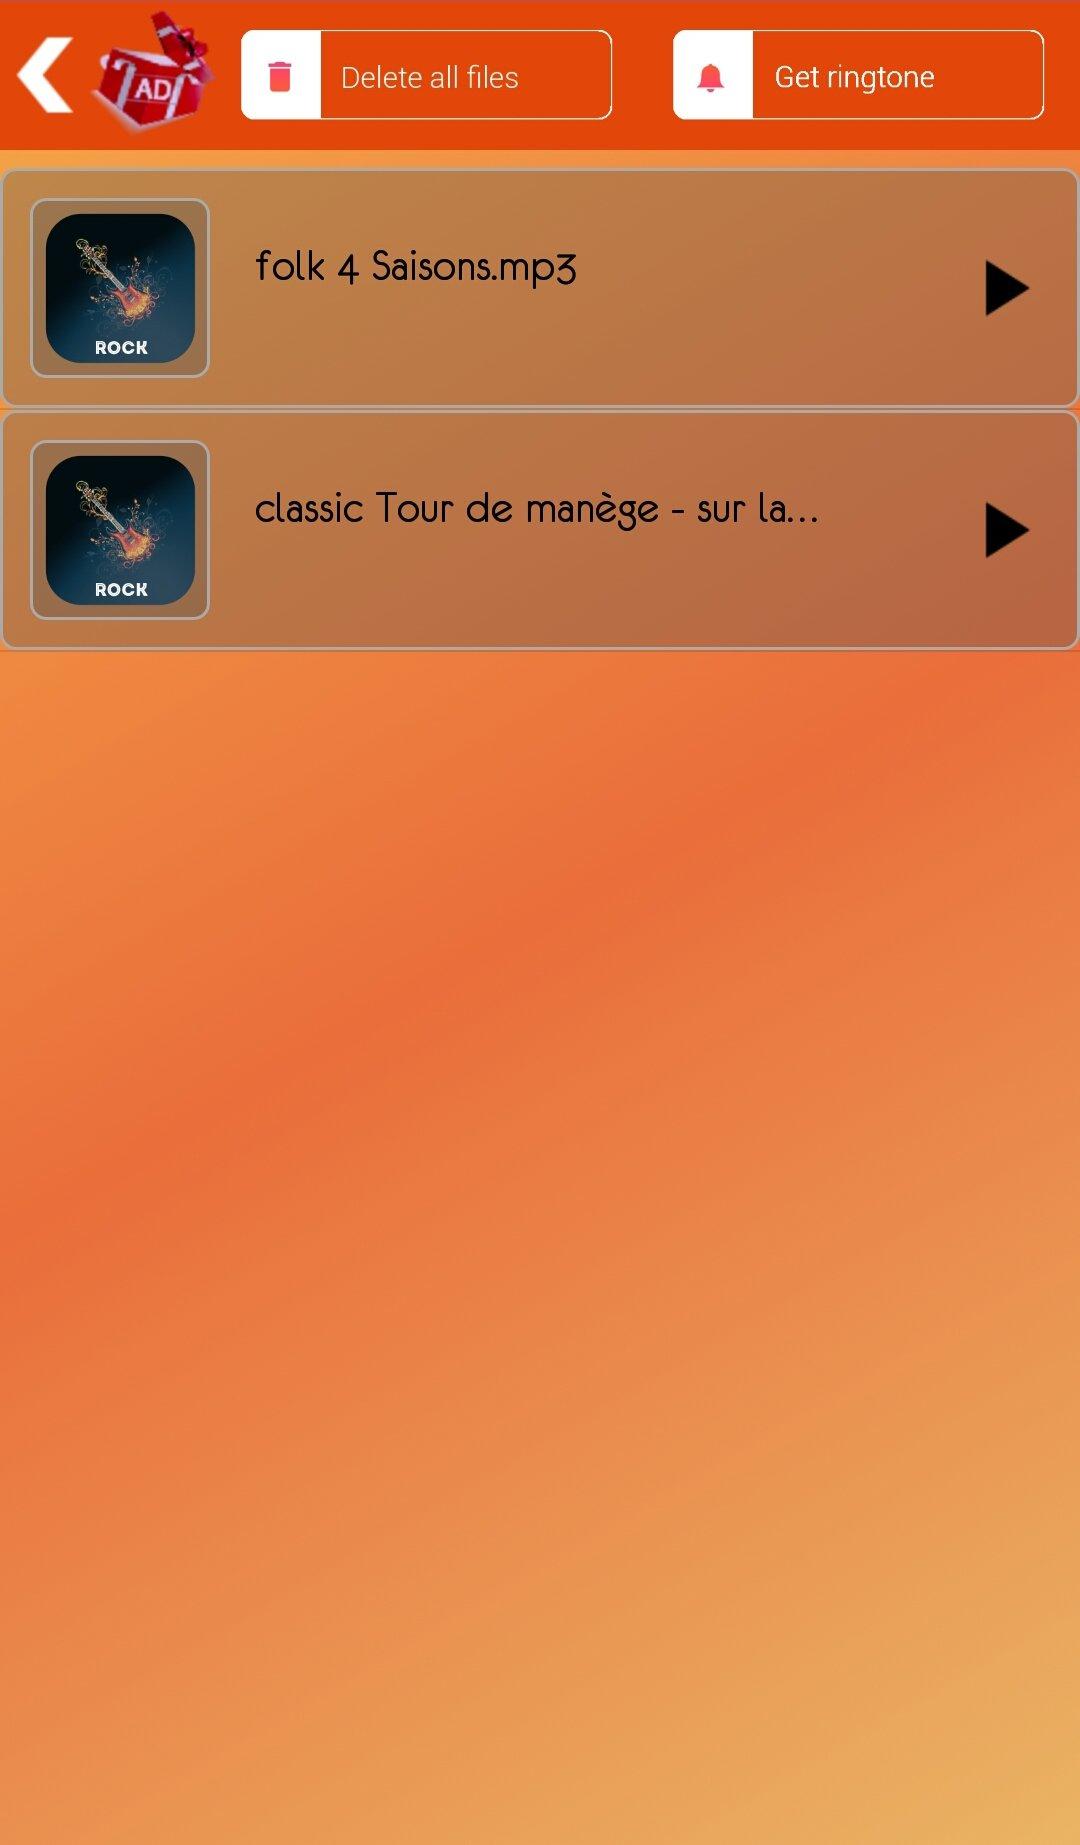 Outil De Téléchargement SoundCloud Pour Android - Snaptube